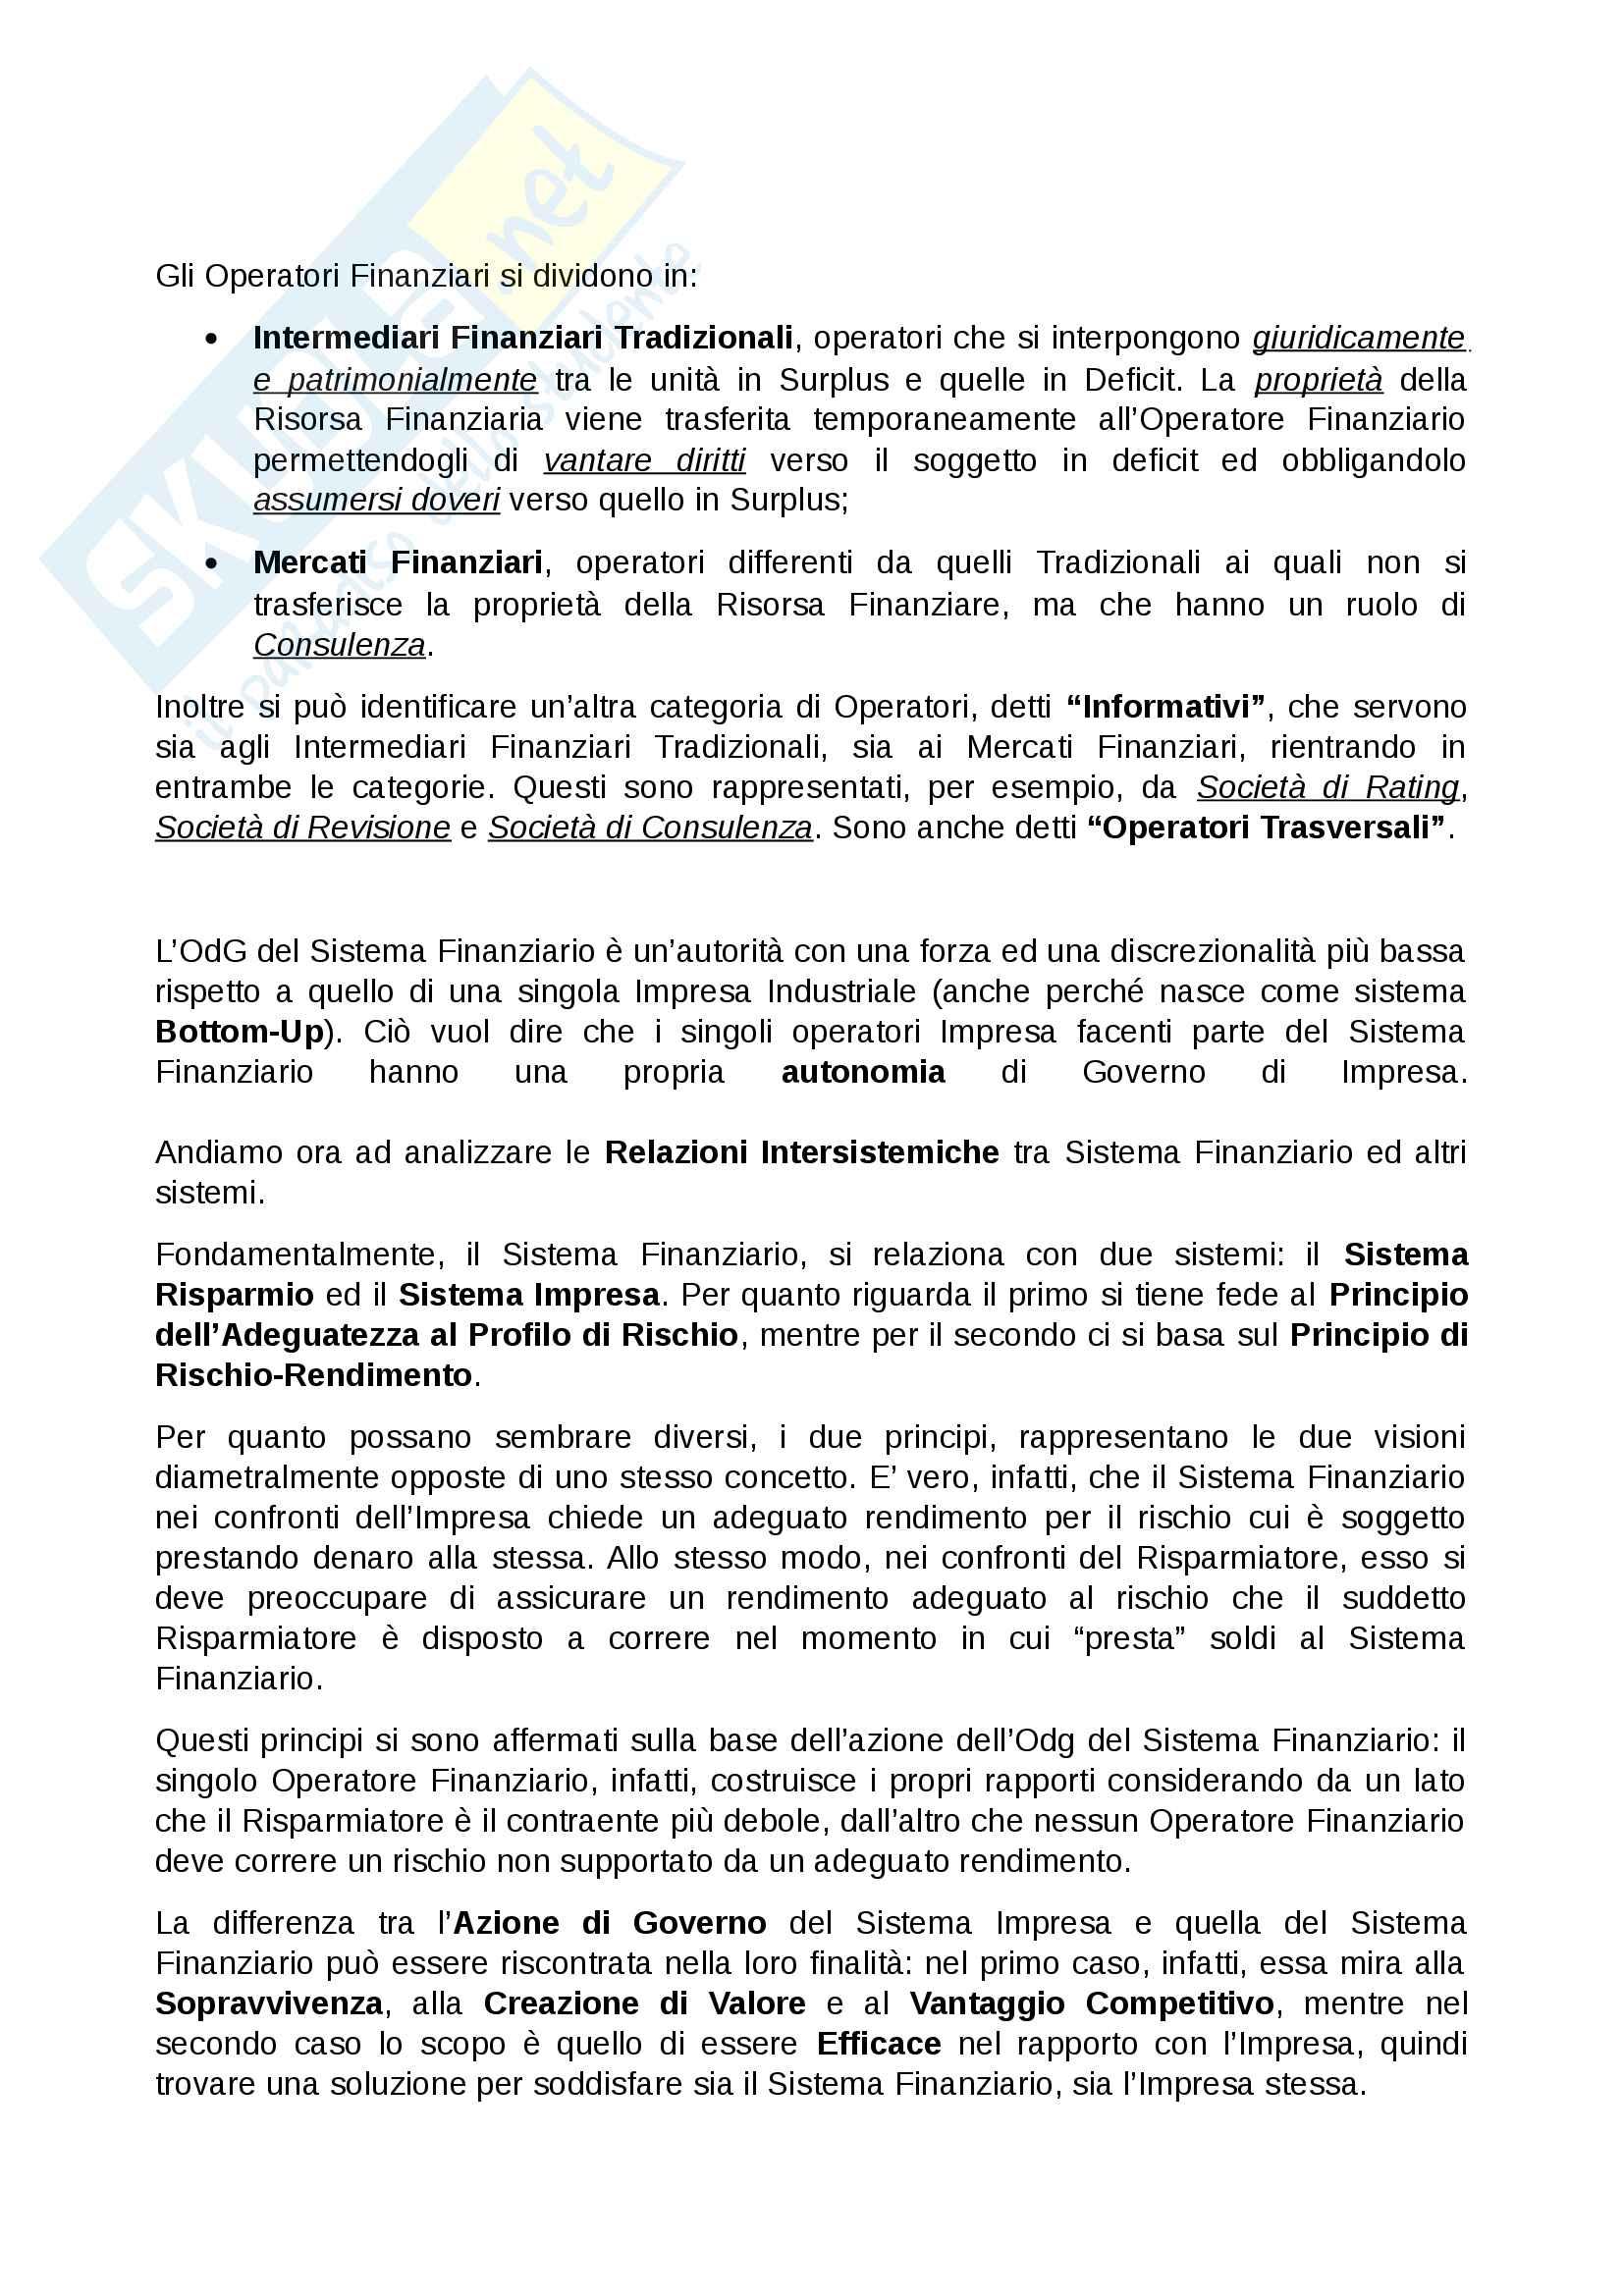 Appunti economia e gestione delle imprese parte 2, prof. gatti/vagnani Pag. 2